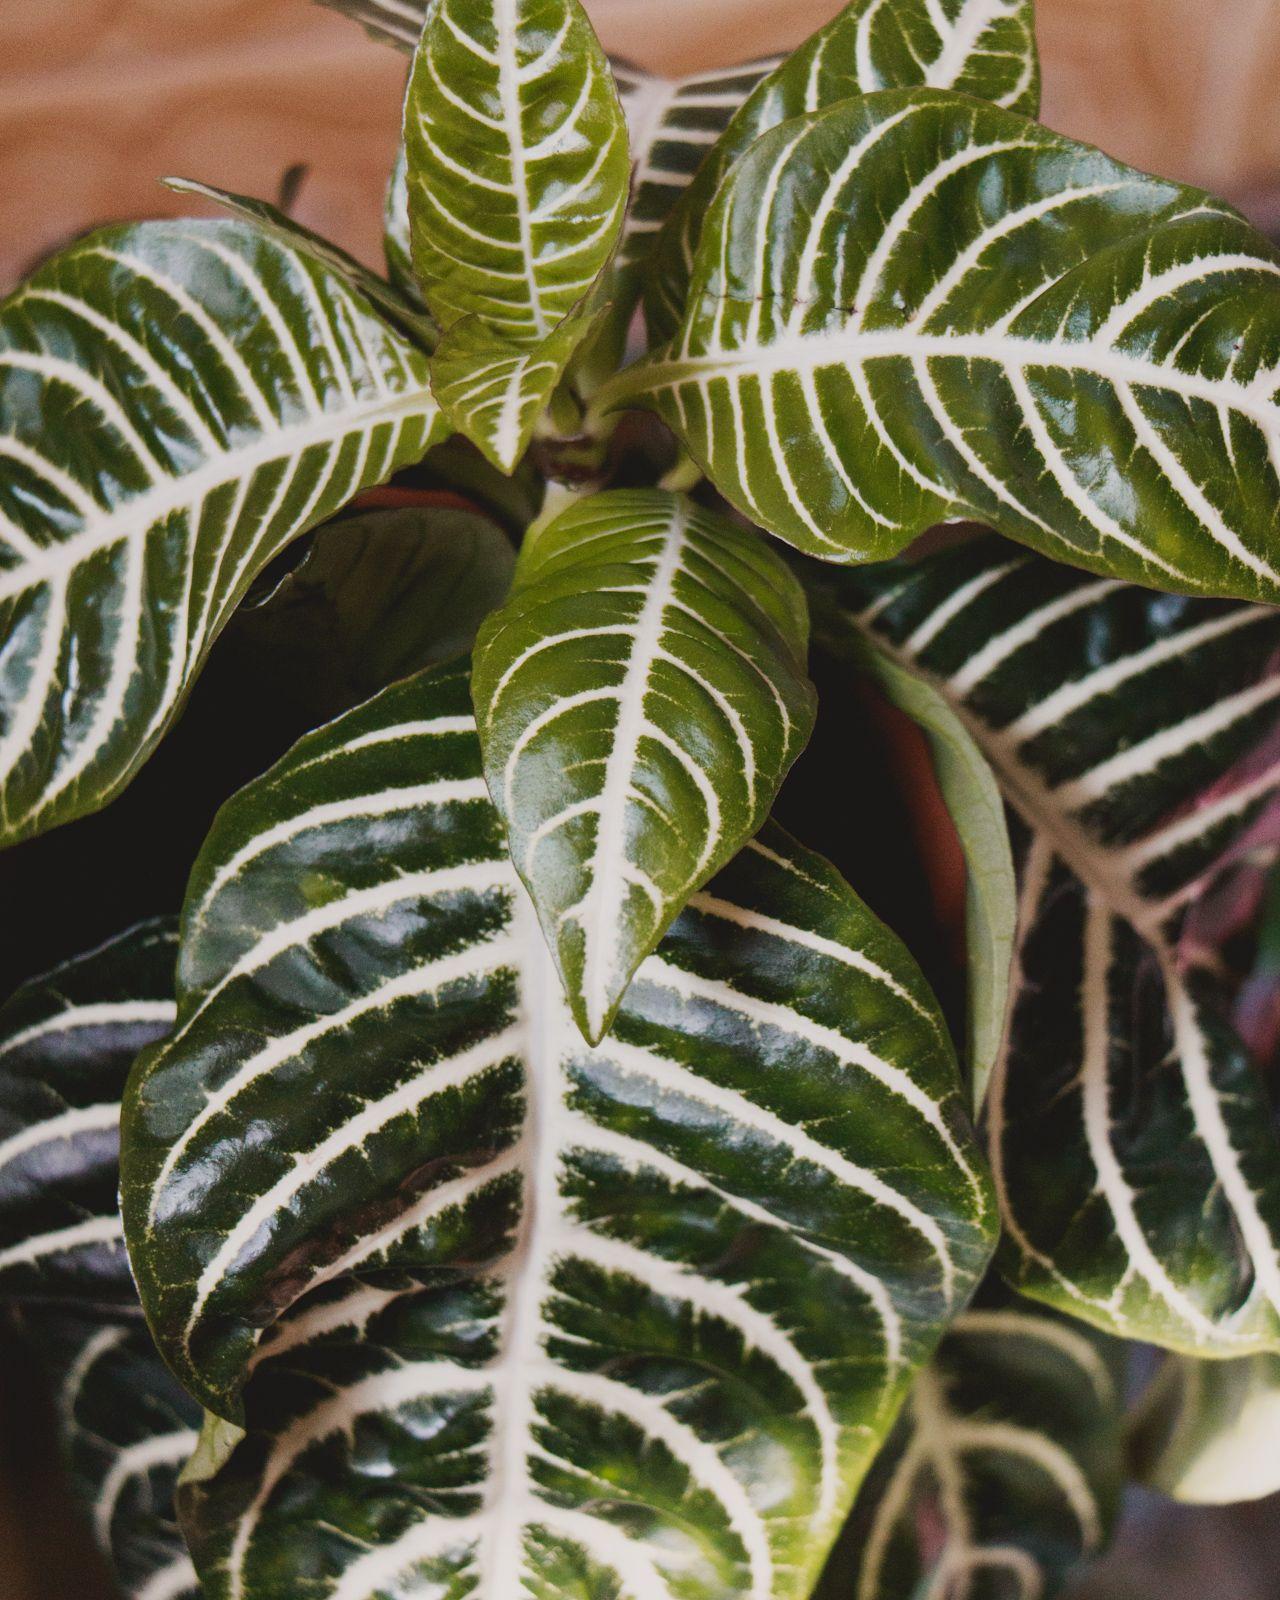 plantas verdes Sexta-feira santa e páscoa | RESUMINHO